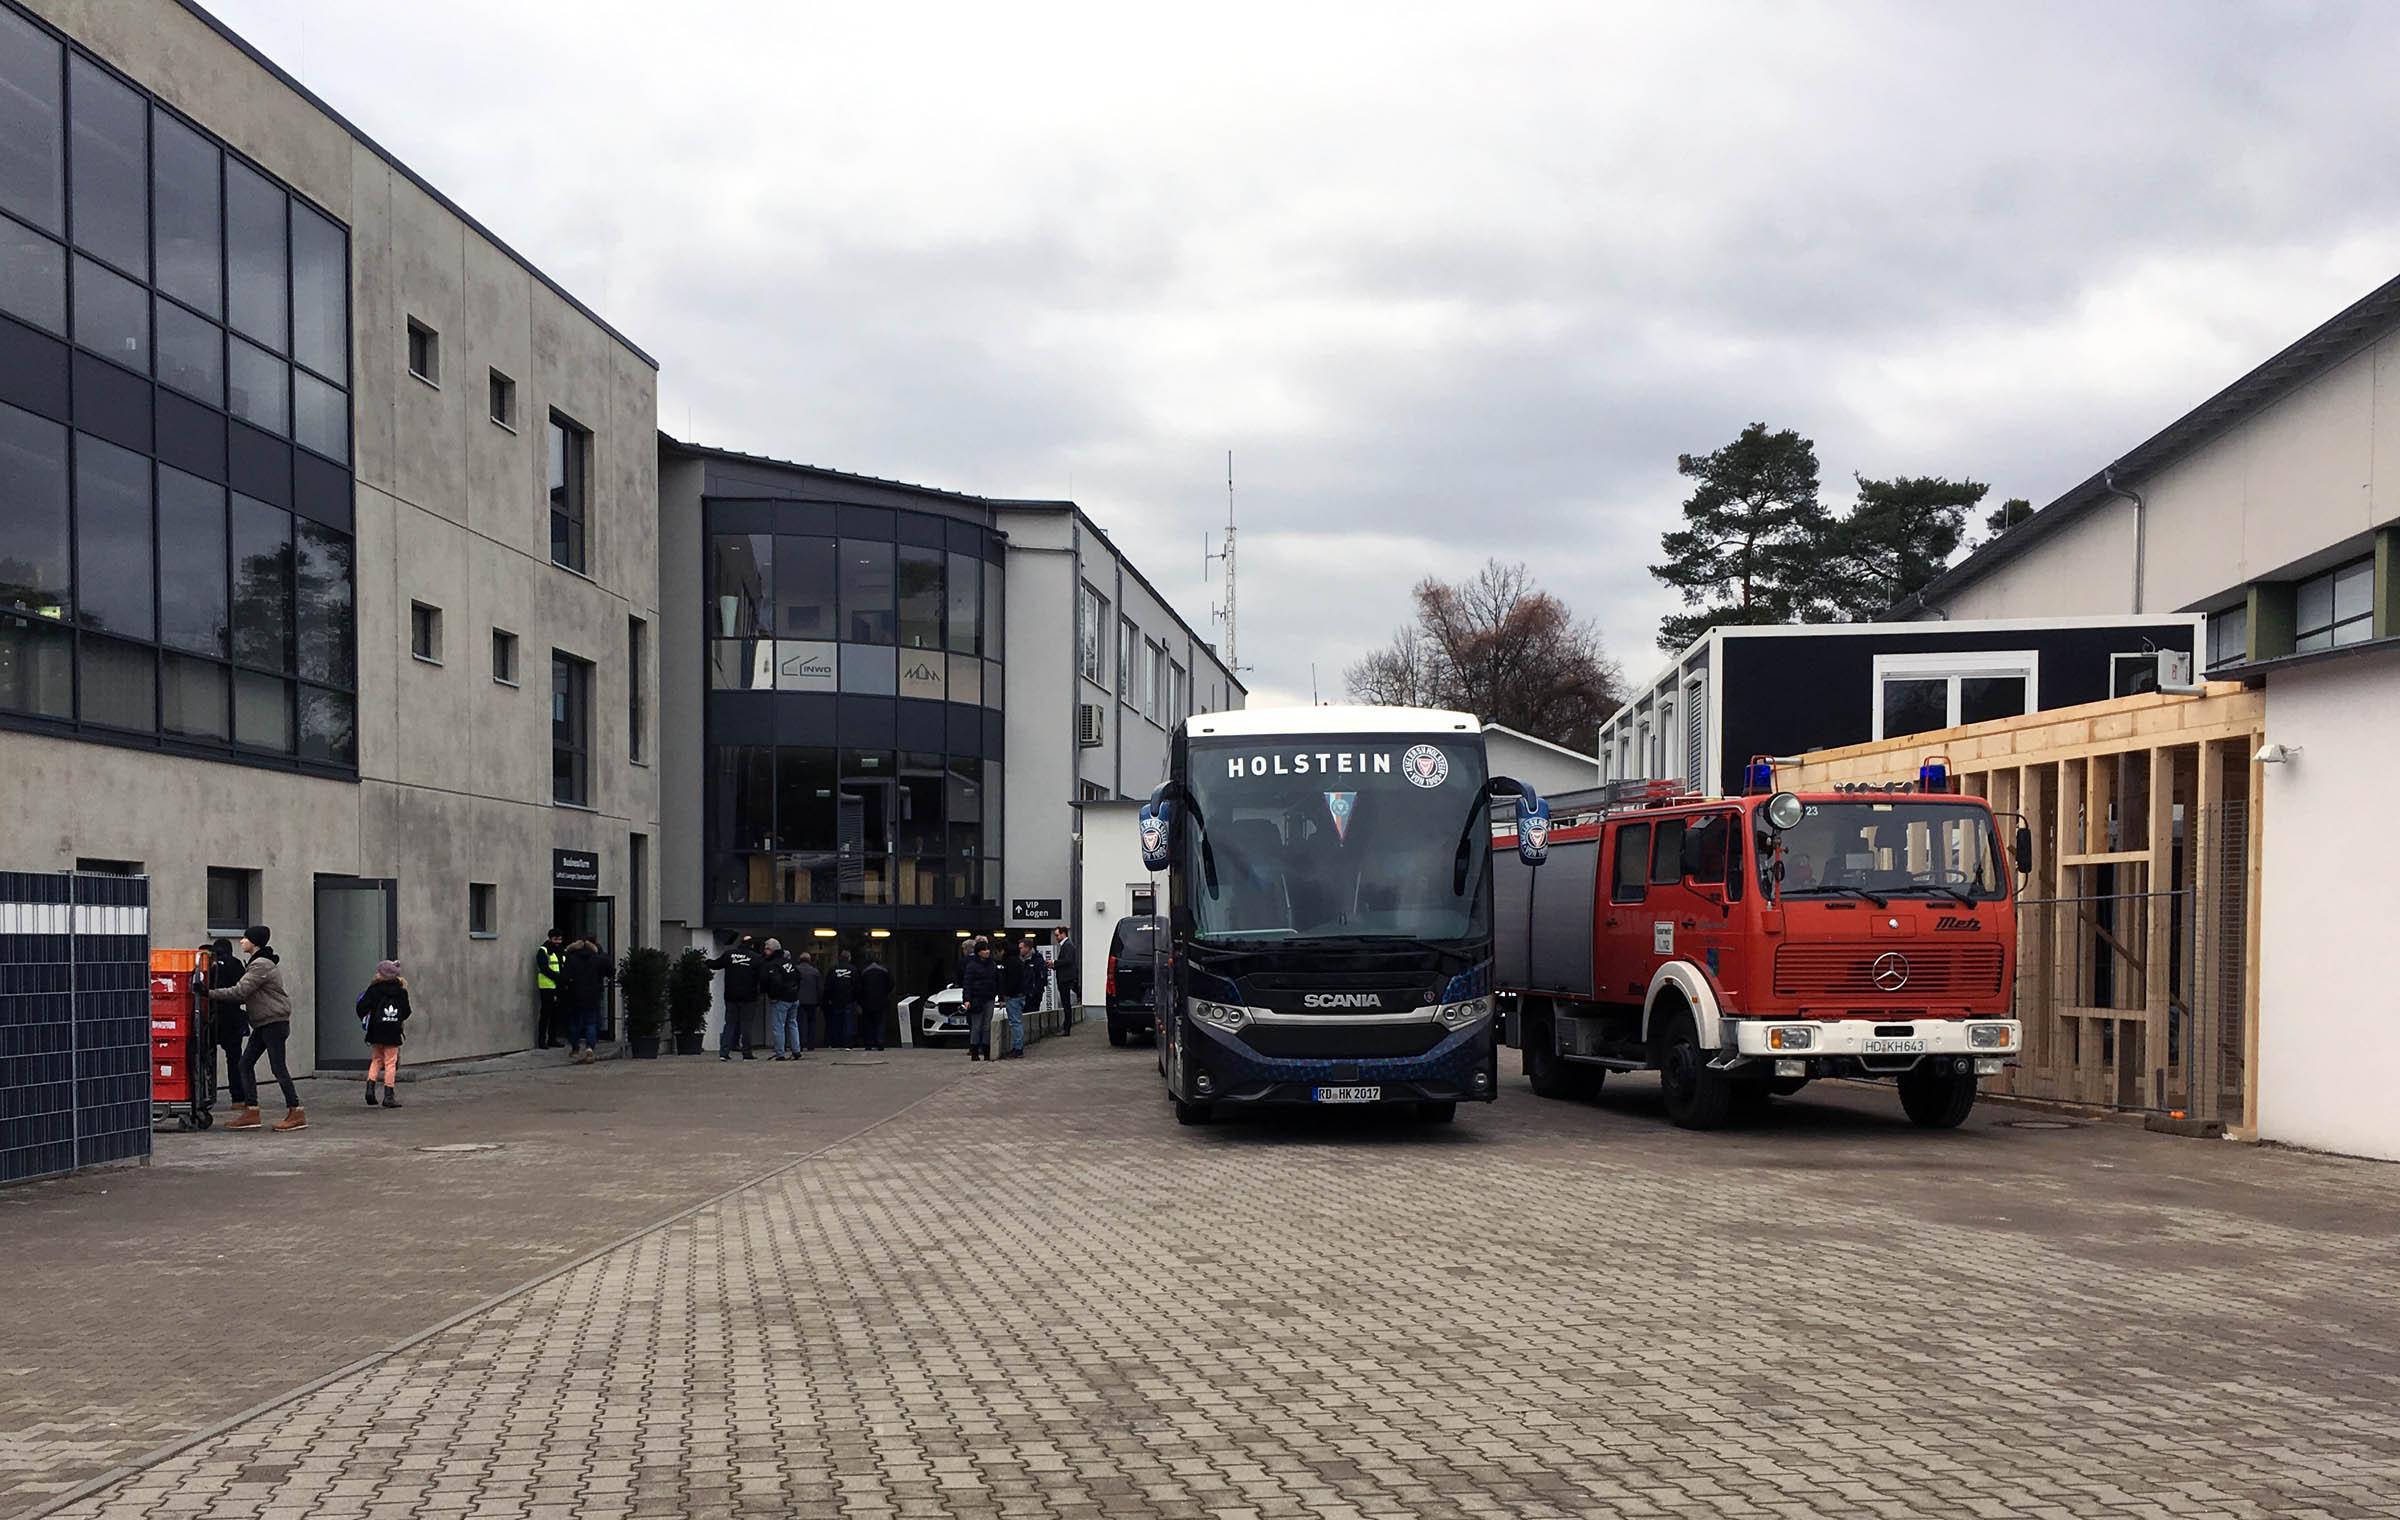 Holstein und die Feuerwehr…